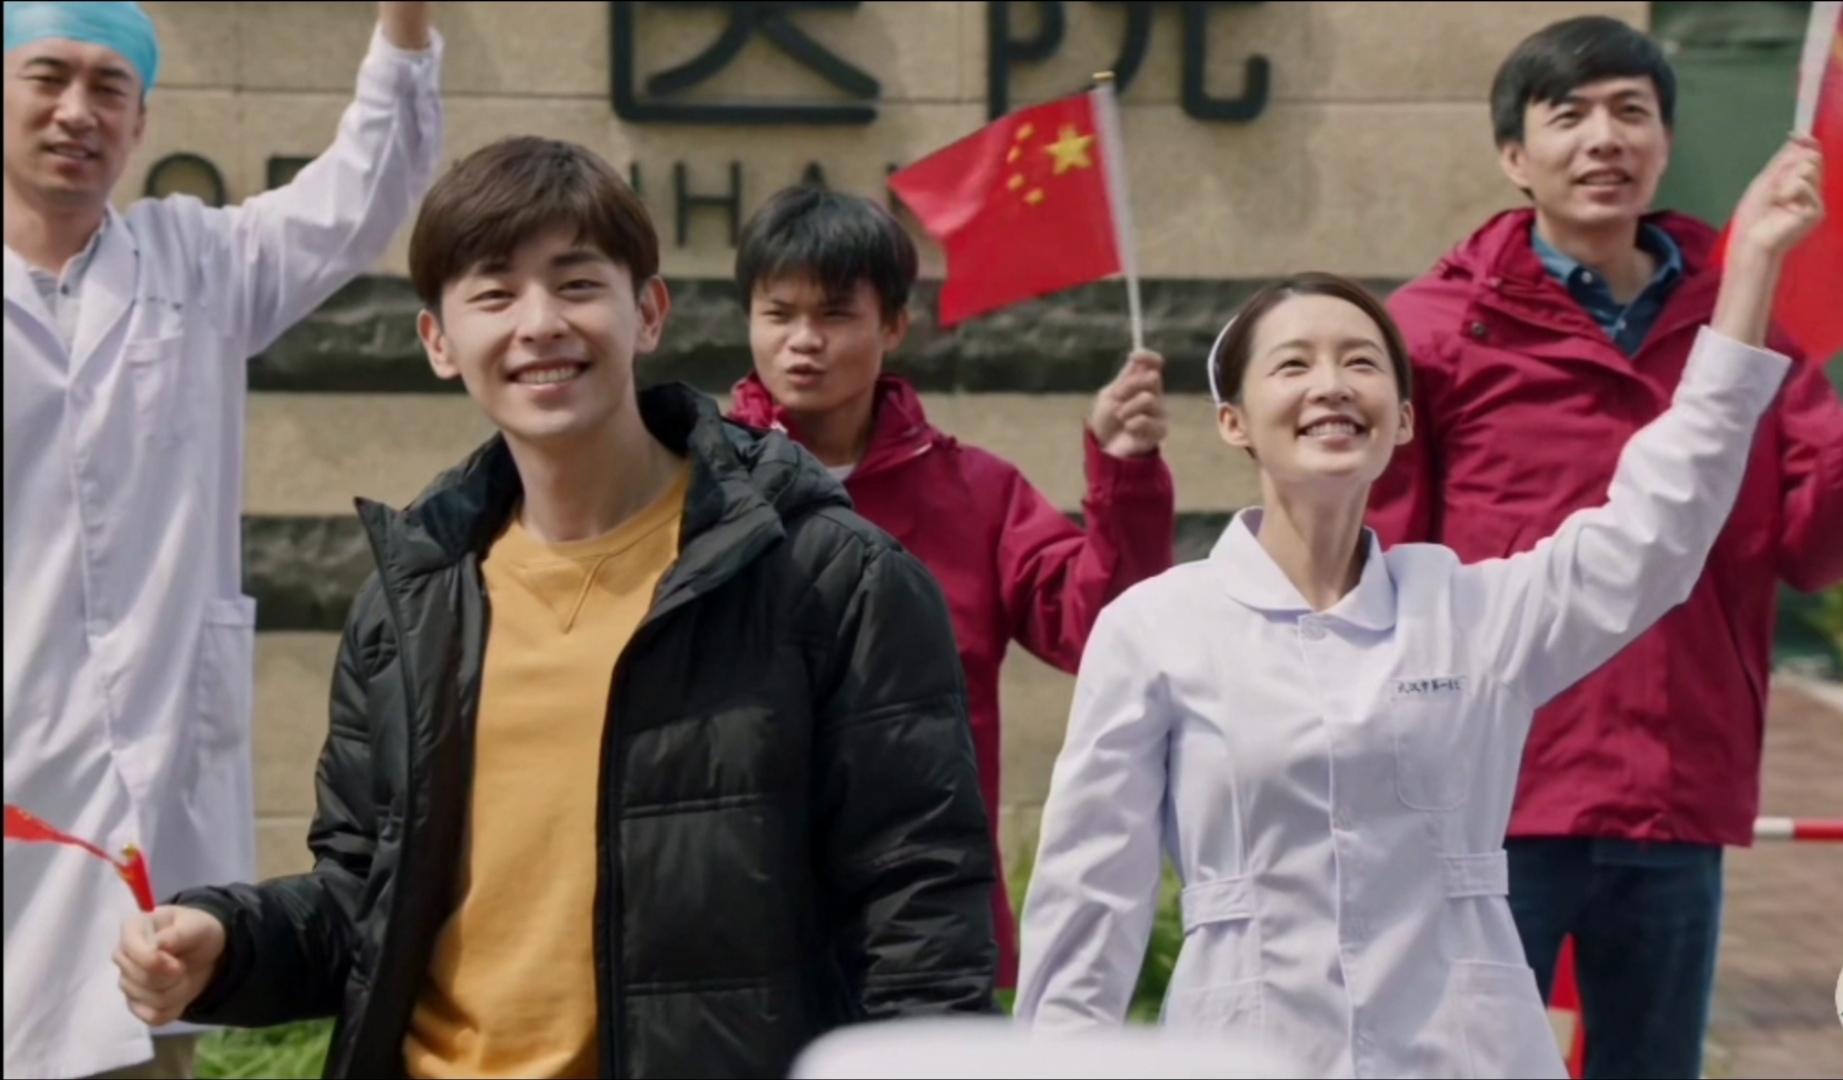 抗疫剧《在一起》10月播出,邓伦、雷佳音、杨洋角色都有原型